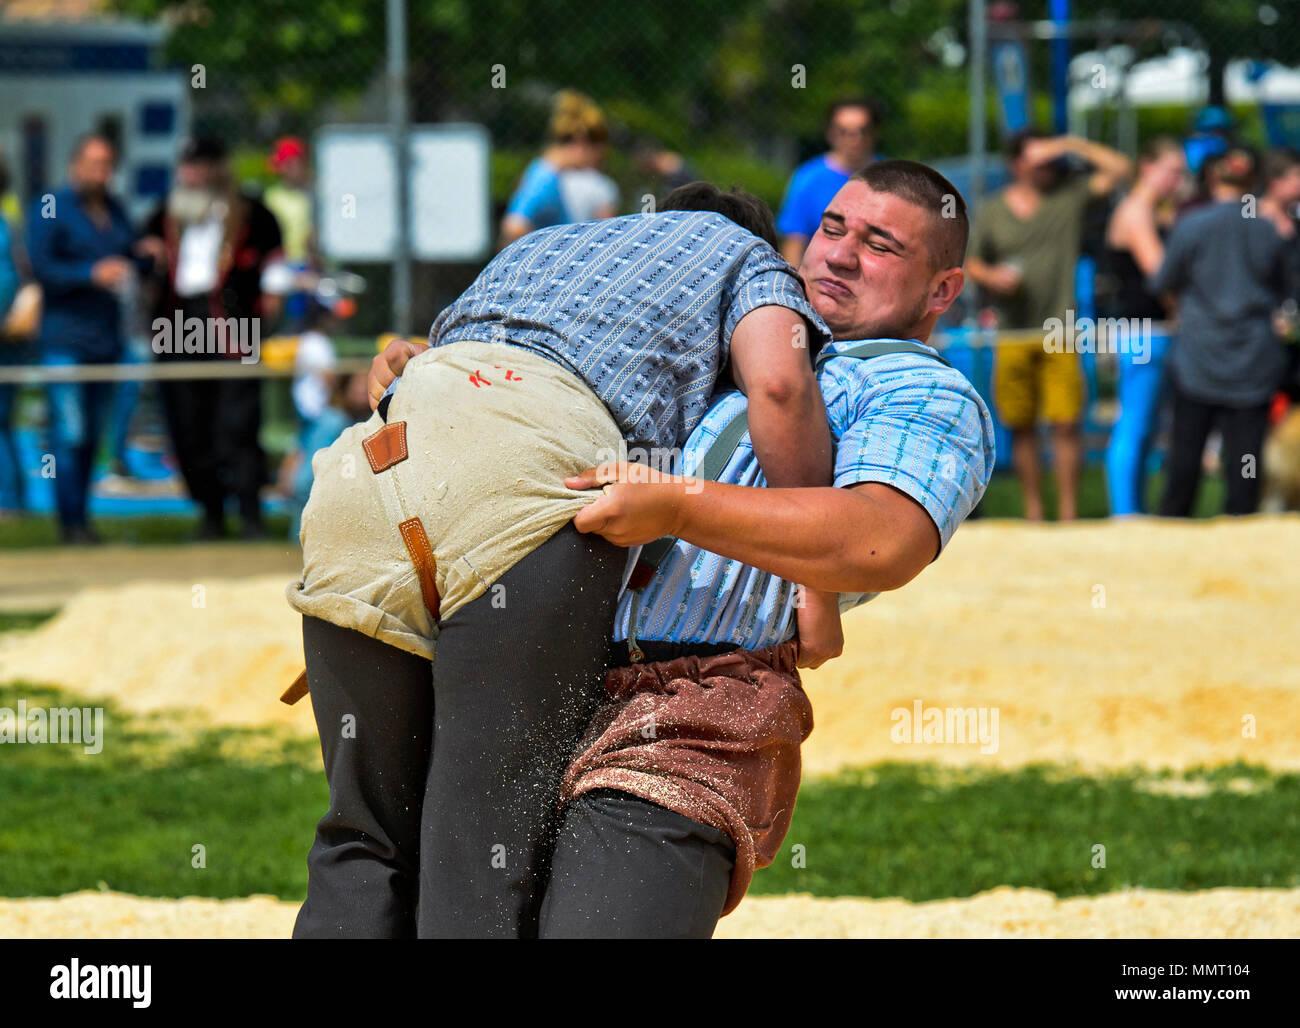 Anières, Ginebra, Suiza. 12 de mayo de 2015. Luchadores suizo combates en serrín anillo, 19 wrestling festival suizo del Cantón de Ginebra, Anières, Ginebra, Suiza. Crédito: GFC Colección/Alamy Live News Imagen De Stock